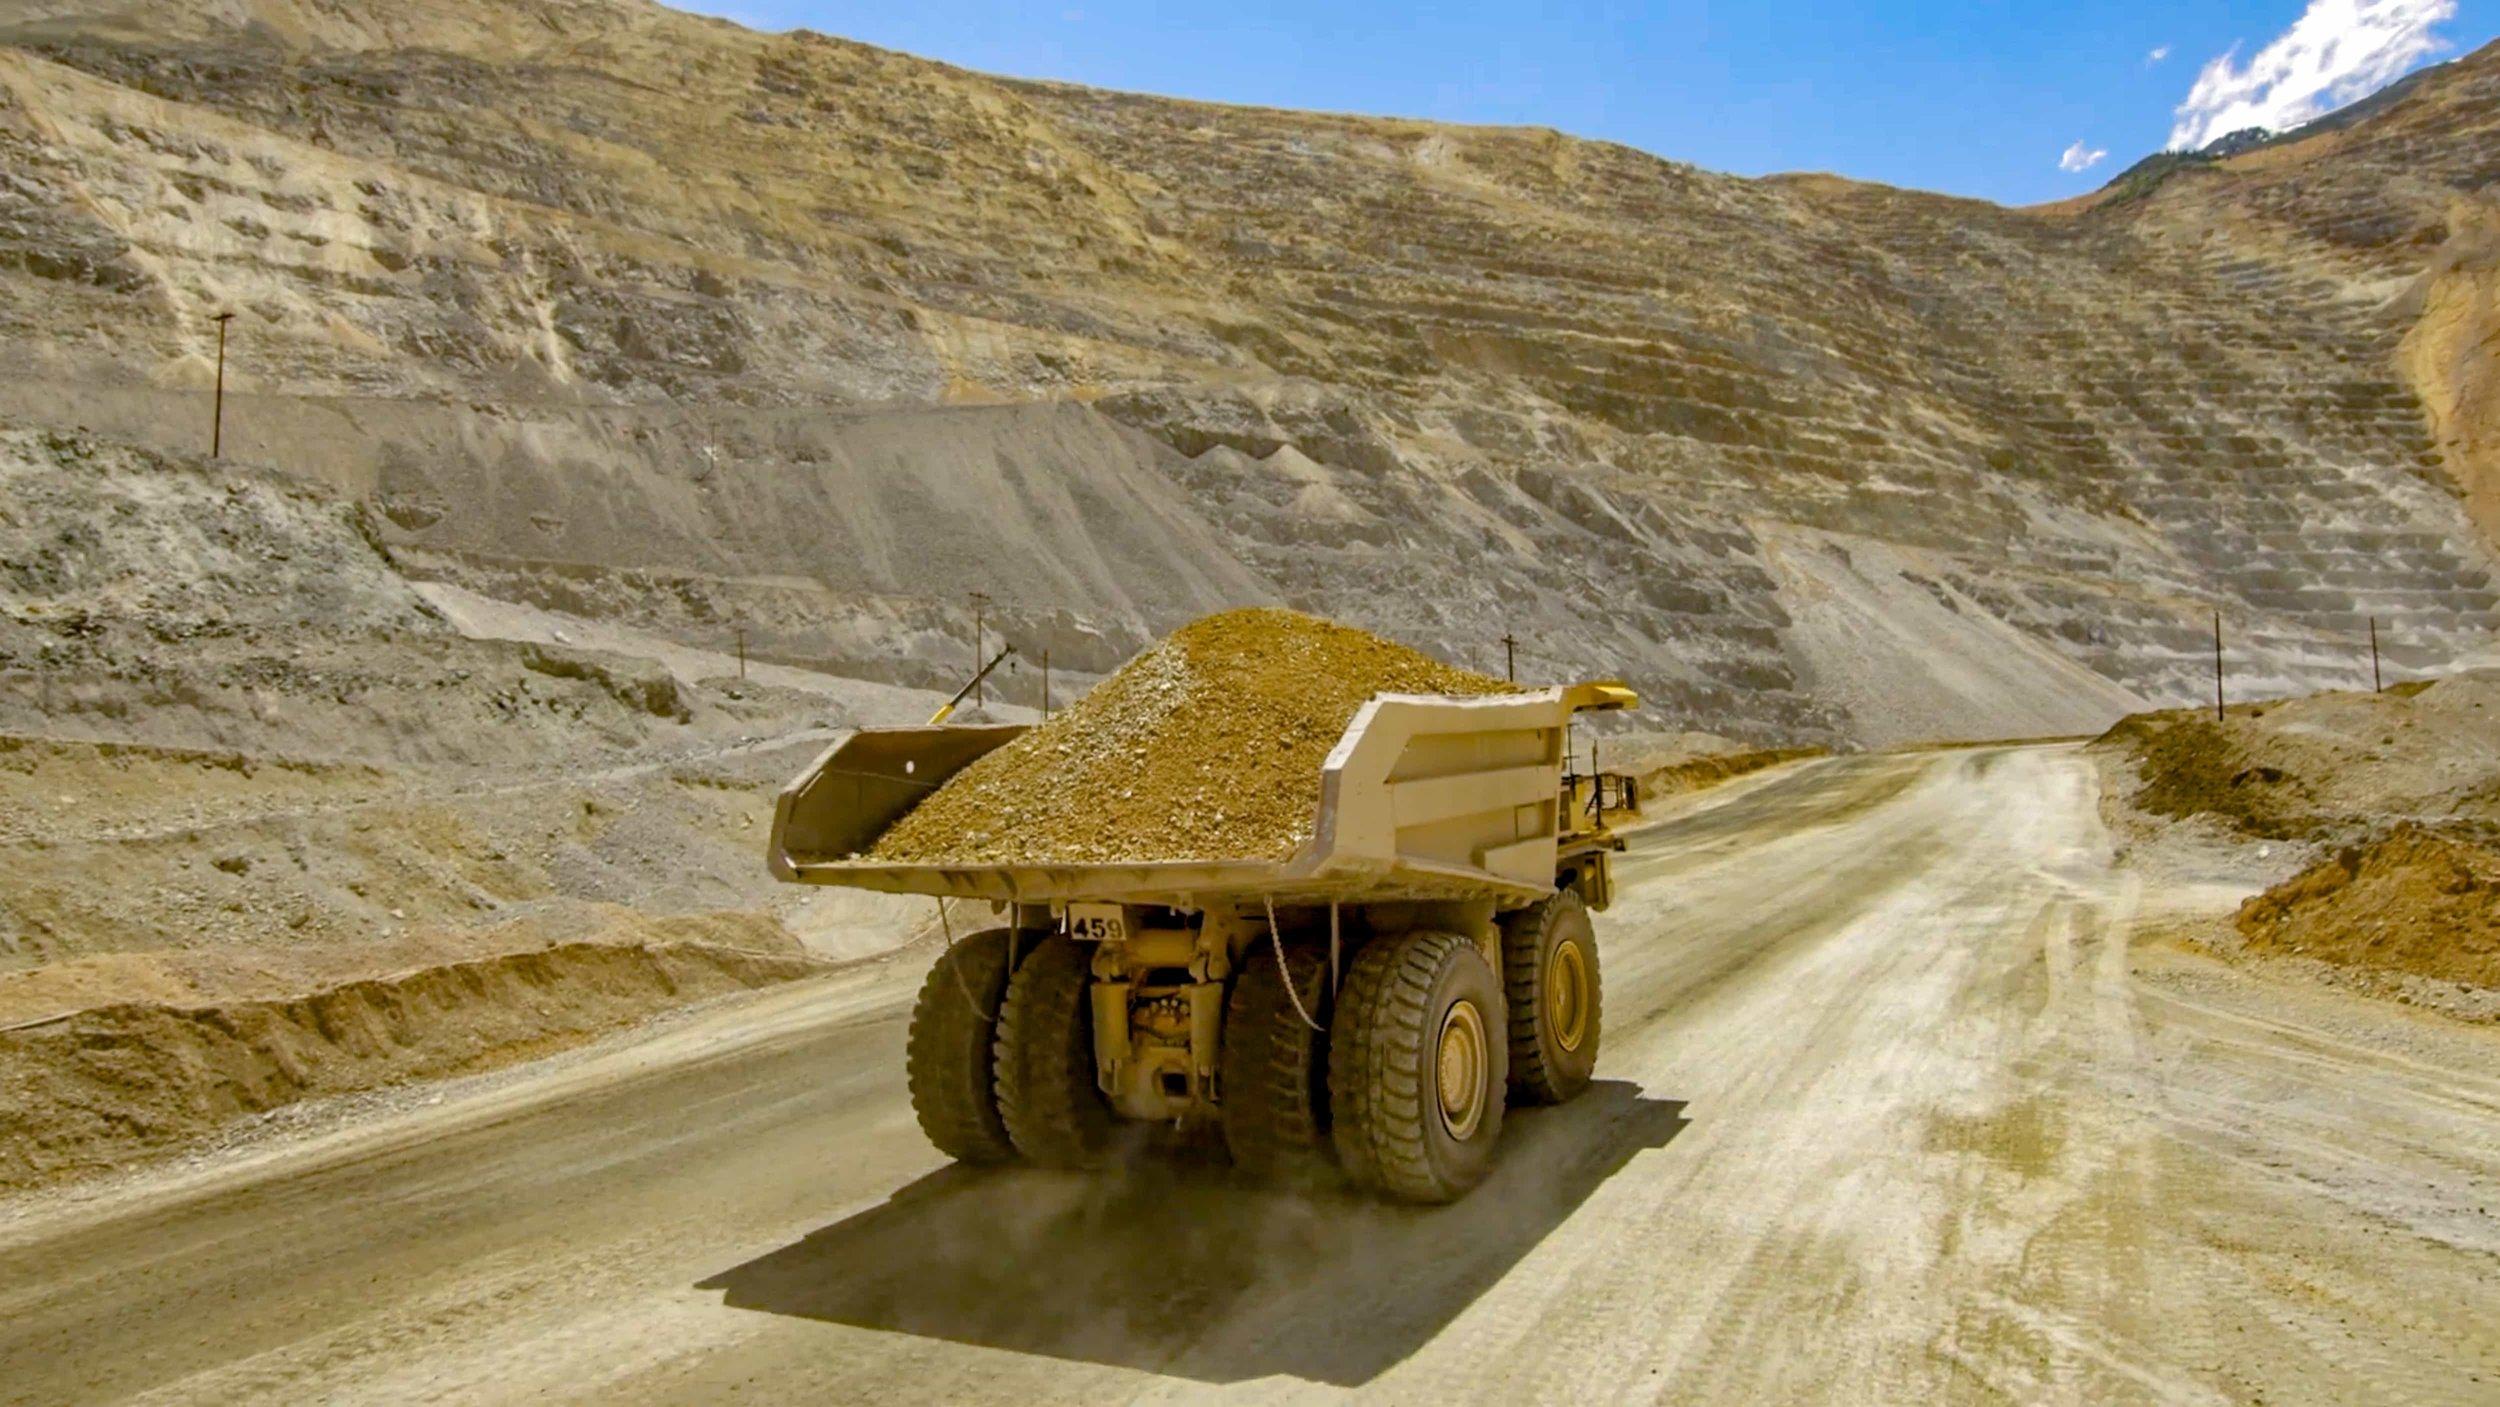 Kennecott Copper Mine bus tour